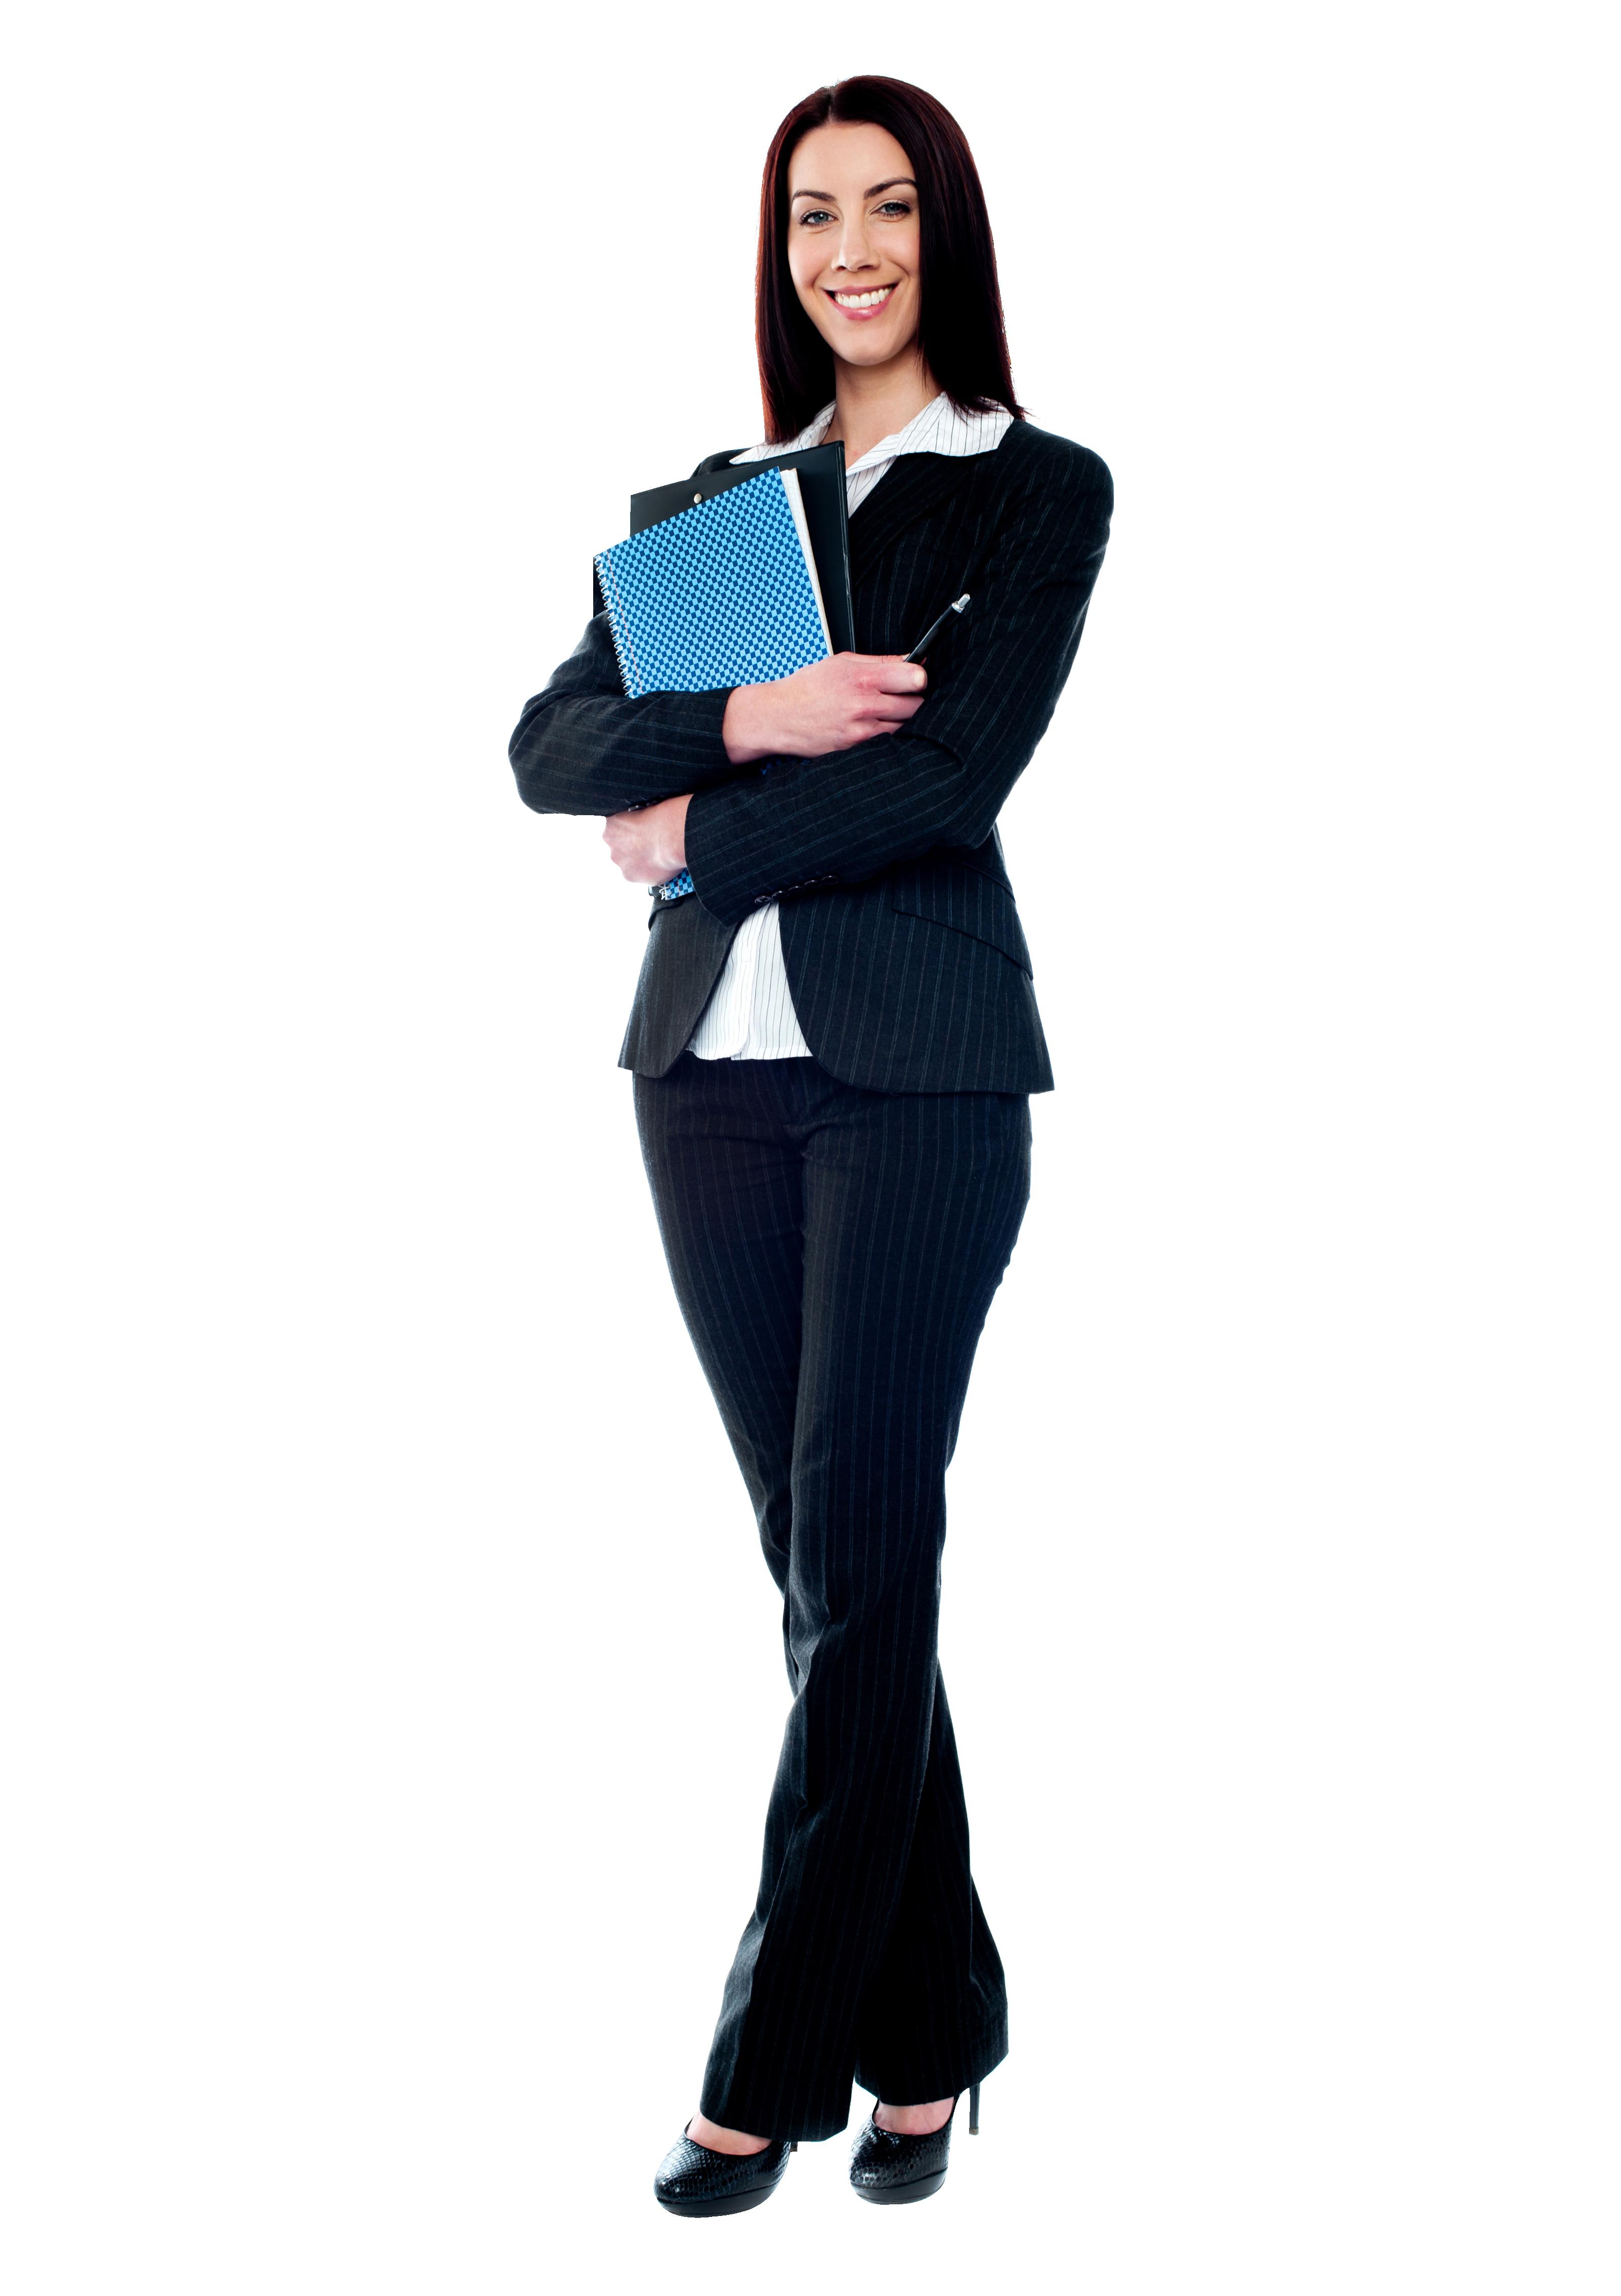 Women Teacher Png Image Women Female Teacher Cool Photoshop